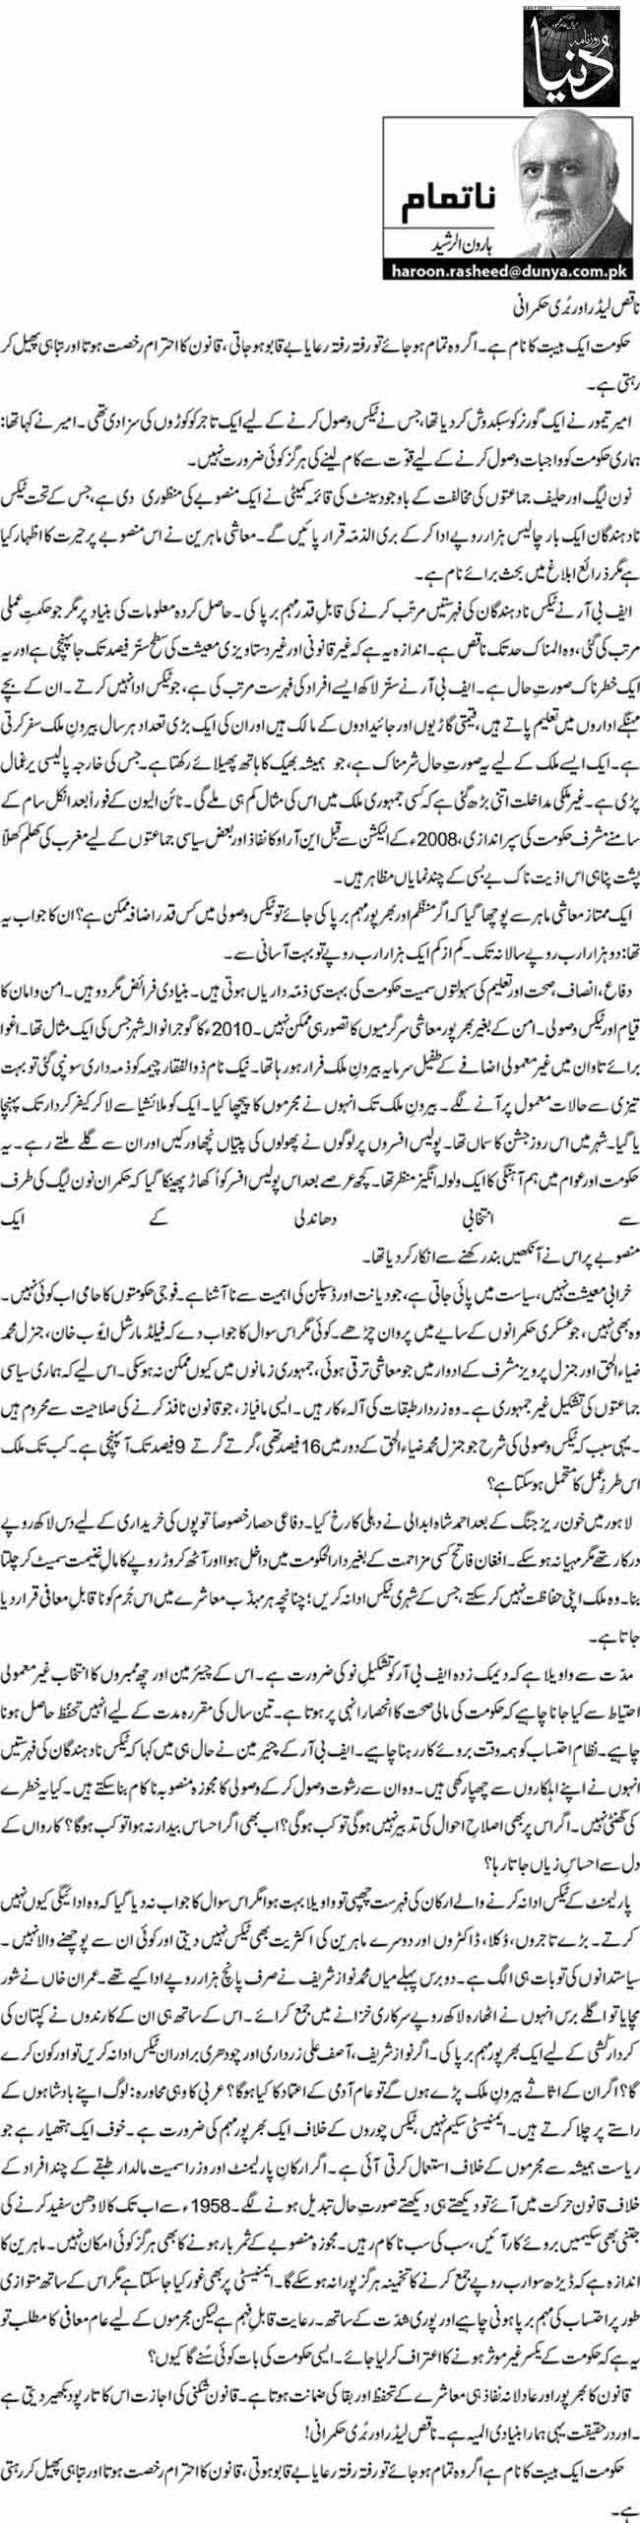 Nakis leader aur buri hukoomat - Haroon-ur-Rasheed